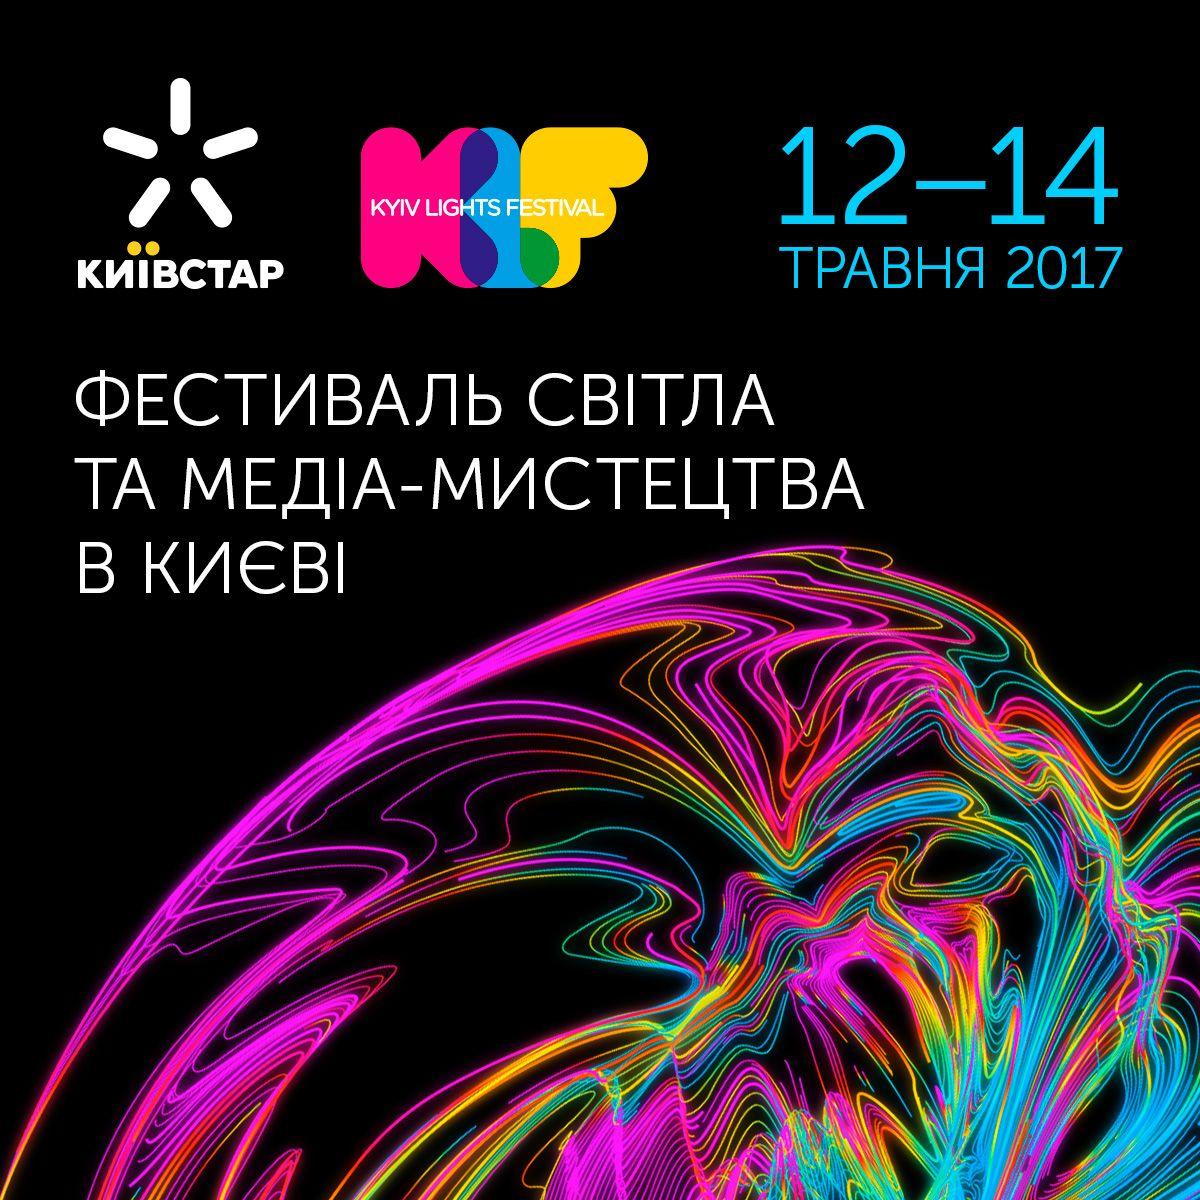 Kyiv Lights Festival Київ фестиваль світла і медіа-мистецтва_01